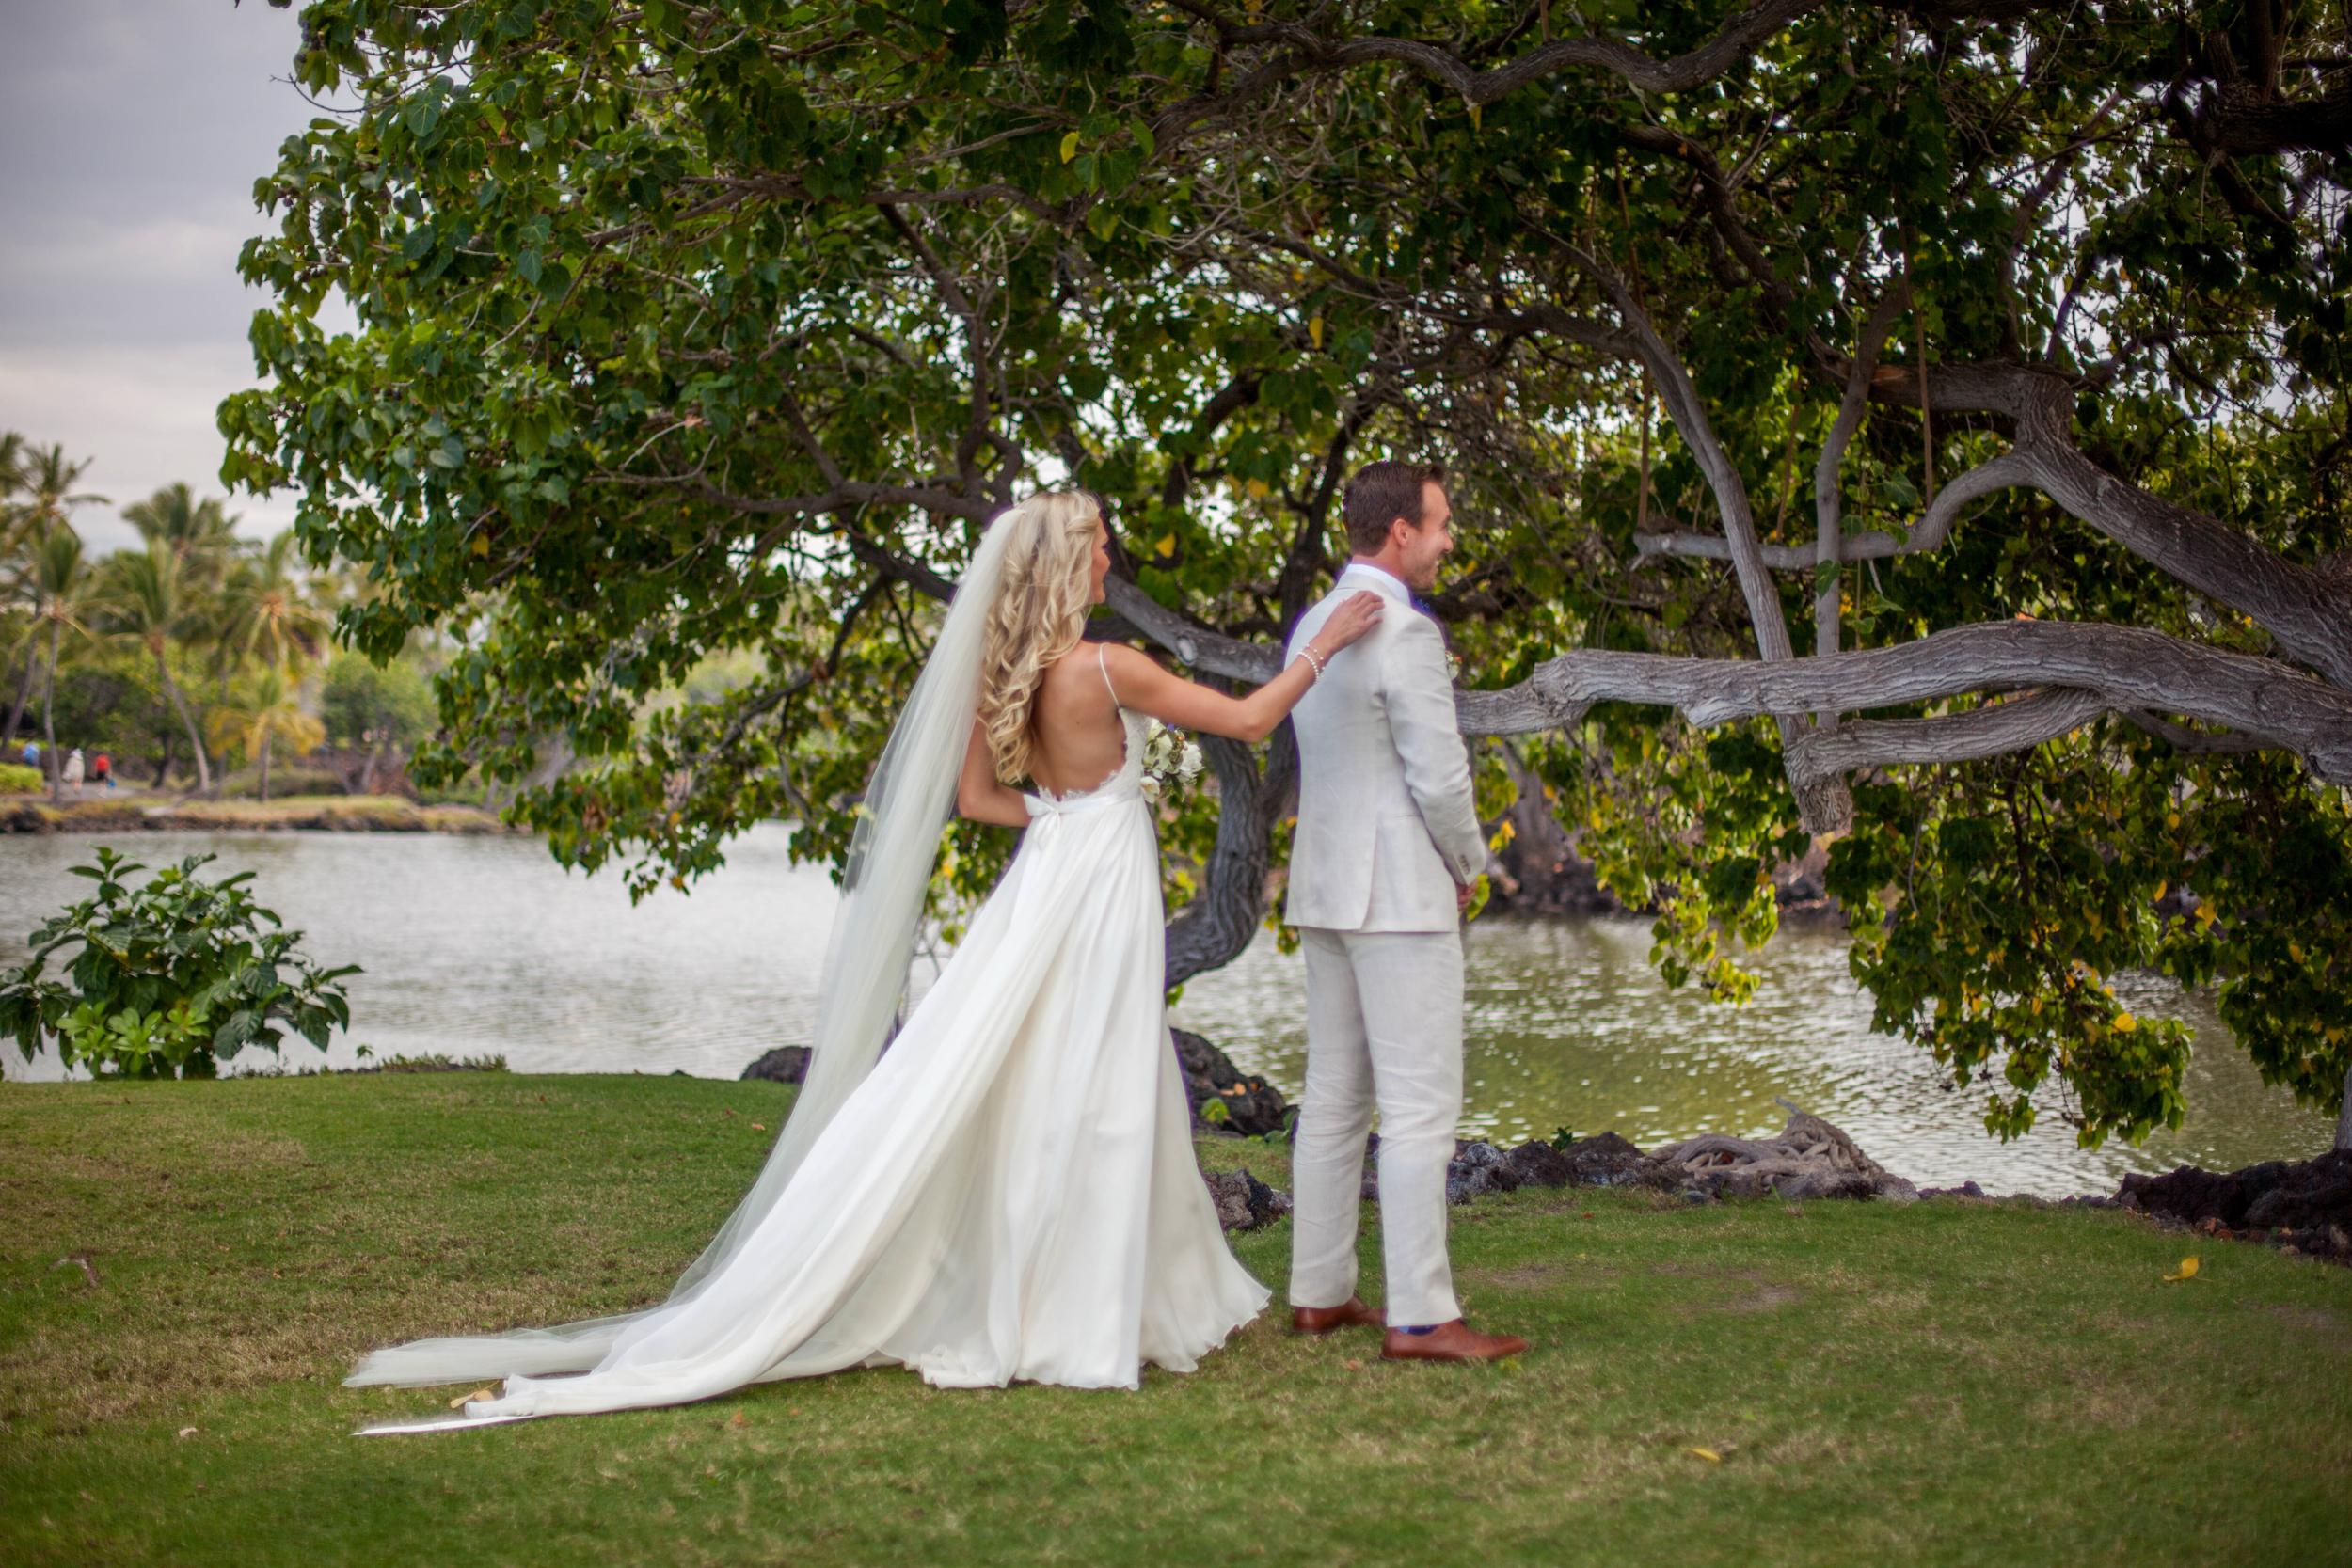 big island hawaii mauna lani resort wedding © kelilina photography 20160131143443-1.jpg